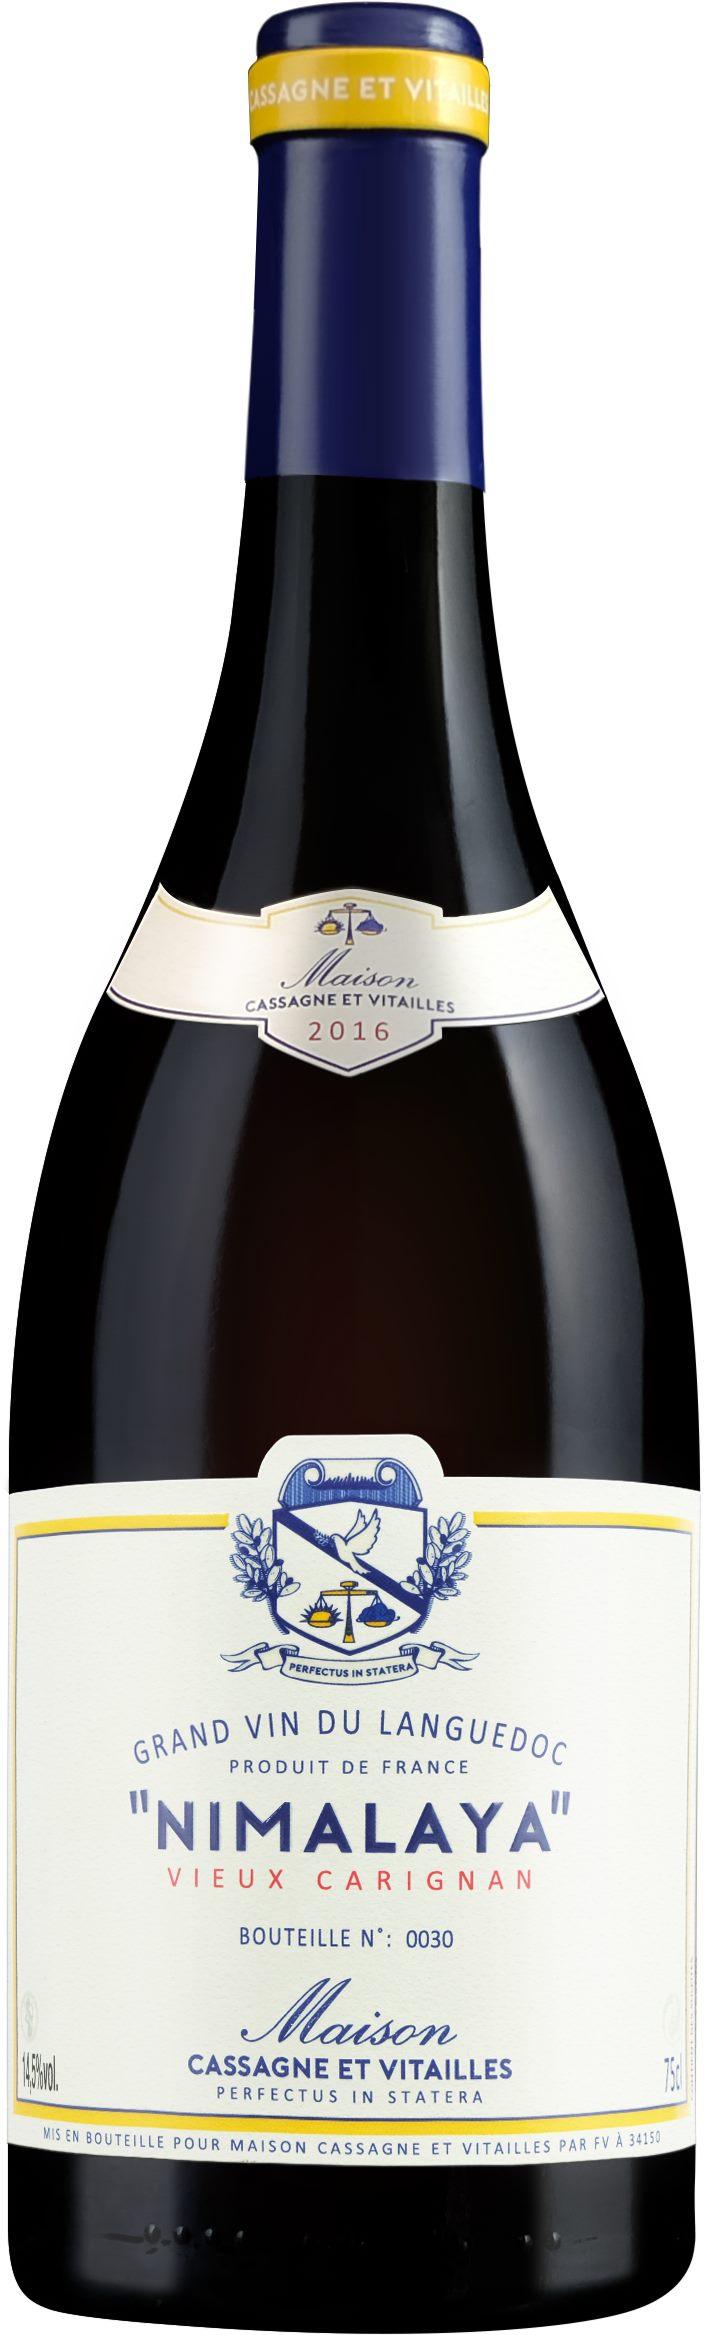 Maison Cassagne et Vitailles – Nimalaya 2016, Vieux Carignan 2016 – Vin de France